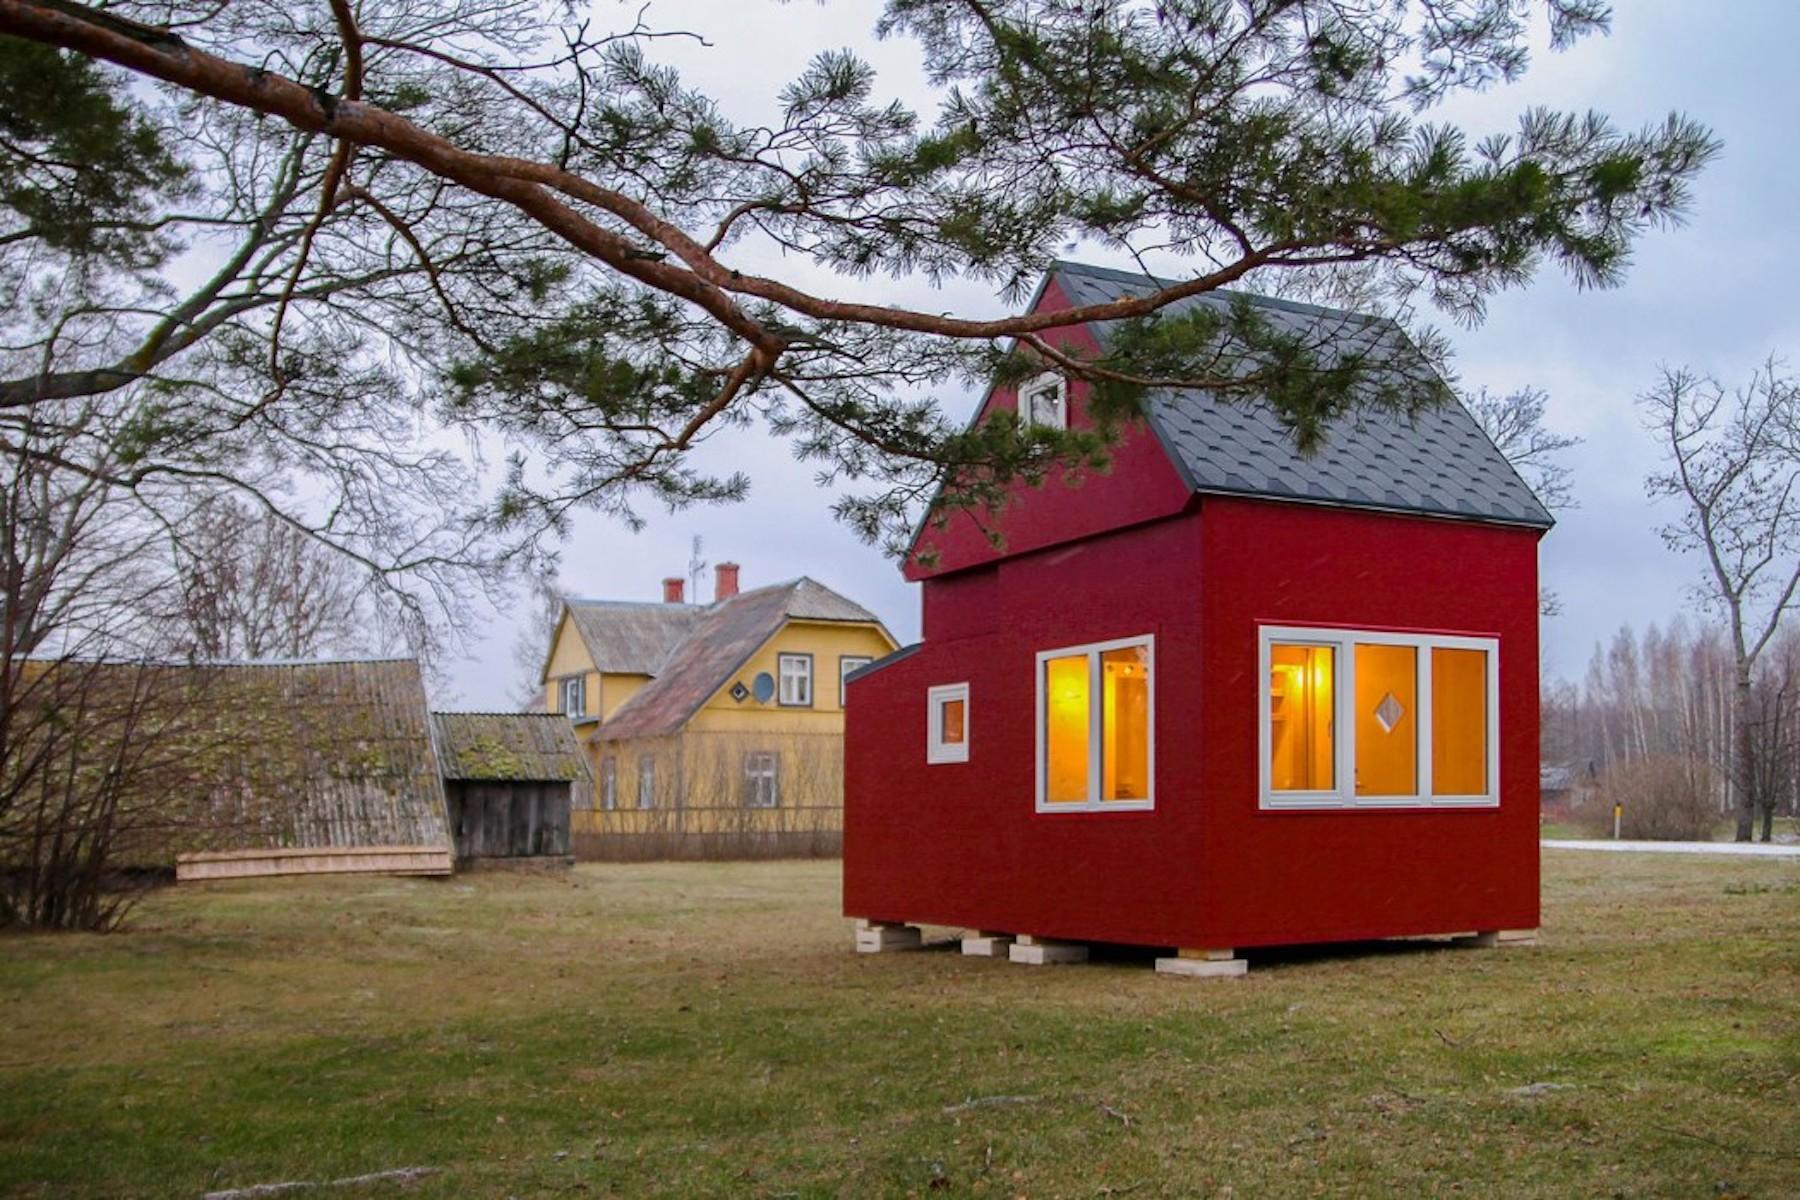 Brette Haus : la maison pliable qui s'installe en un clin d'œil